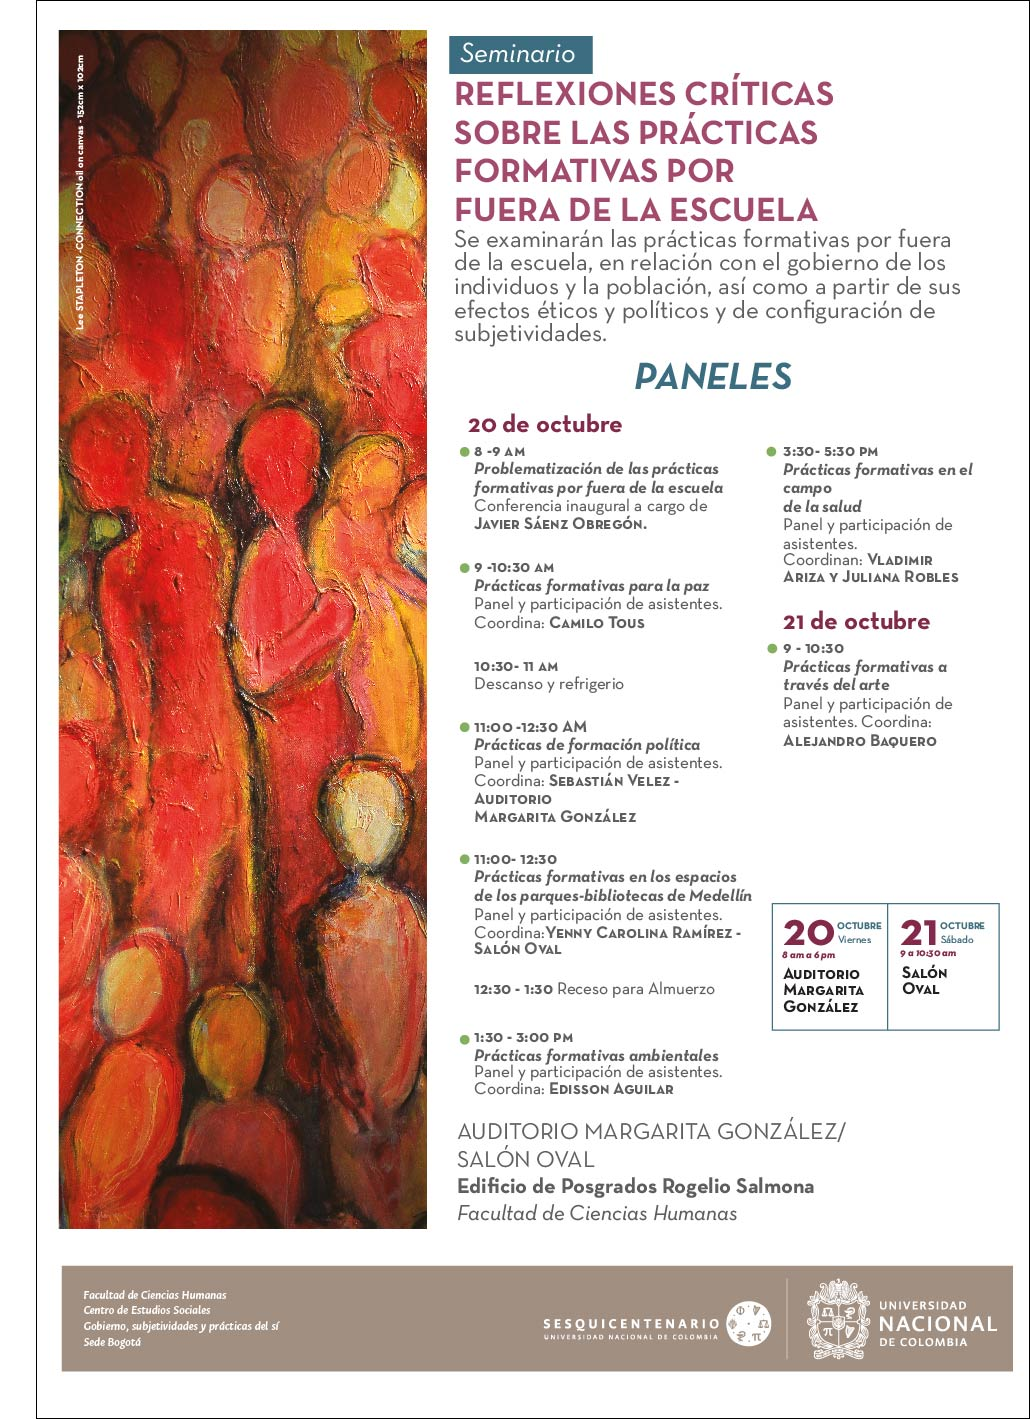 Seminario «Reflexiones críticas sobre las prácticas formativas por fuera de la escuela»